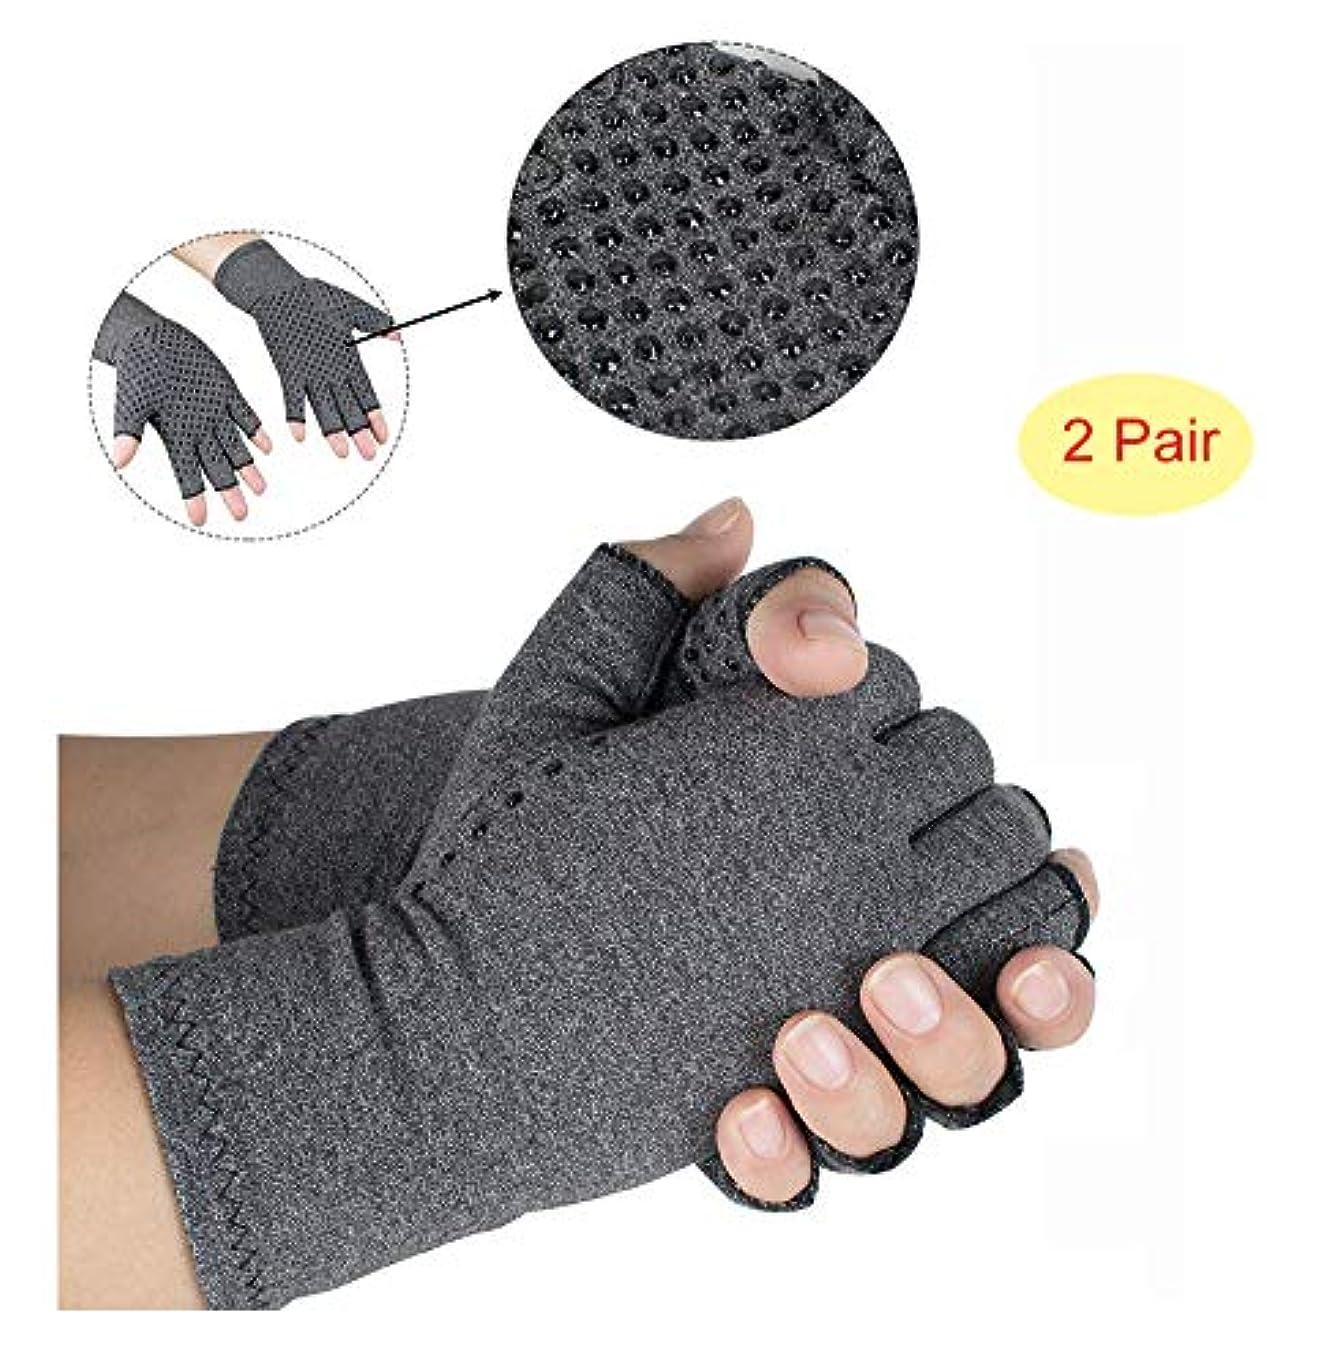 カリング文明化するしないでください関節炎手袋、灰色の滑り止め、毎日の仕事、手と関節の痛みの軽減のための抗関節炎の健康療法の圧縮手袋,2Pair,L